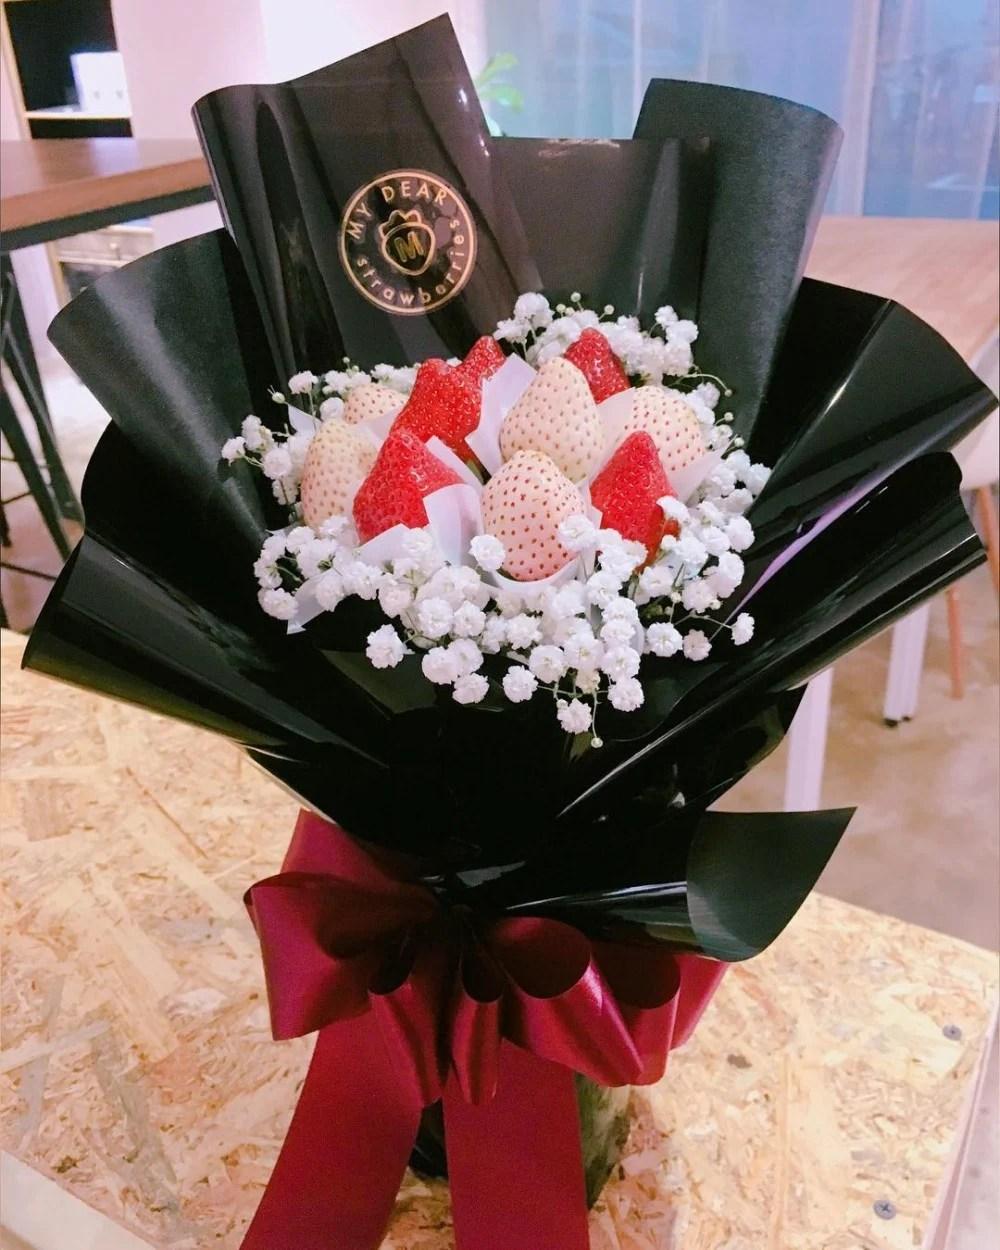 浪漫草莓花束 情人節推薦 今天就用這告白吧   GirlStyle 臺灣女生日常